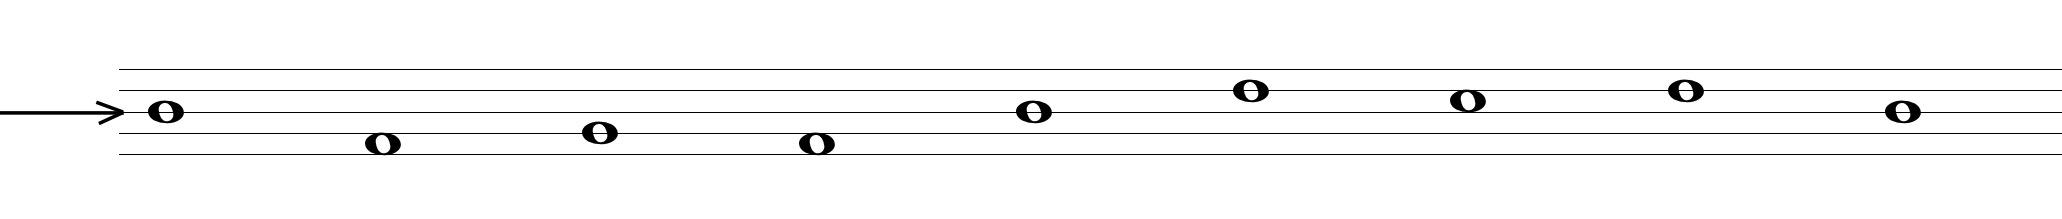 Skyler Scott - Skyler's example 8.jpg